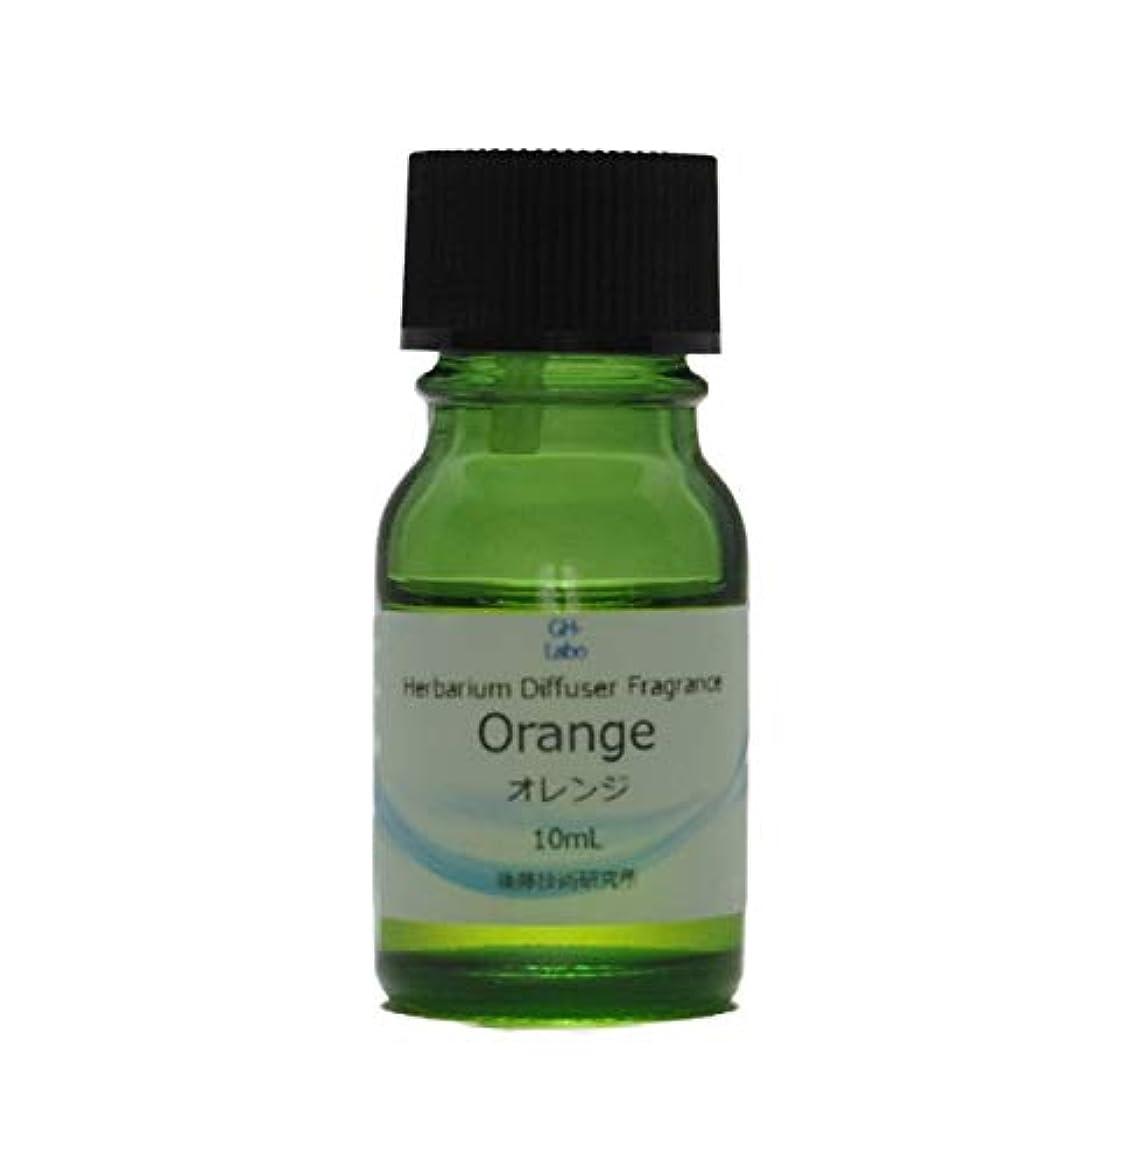 装置フラスコポンプオレンジのフレグランスオイル ディフューザー ハーバリウム アロマオイル 手作り化粧品用